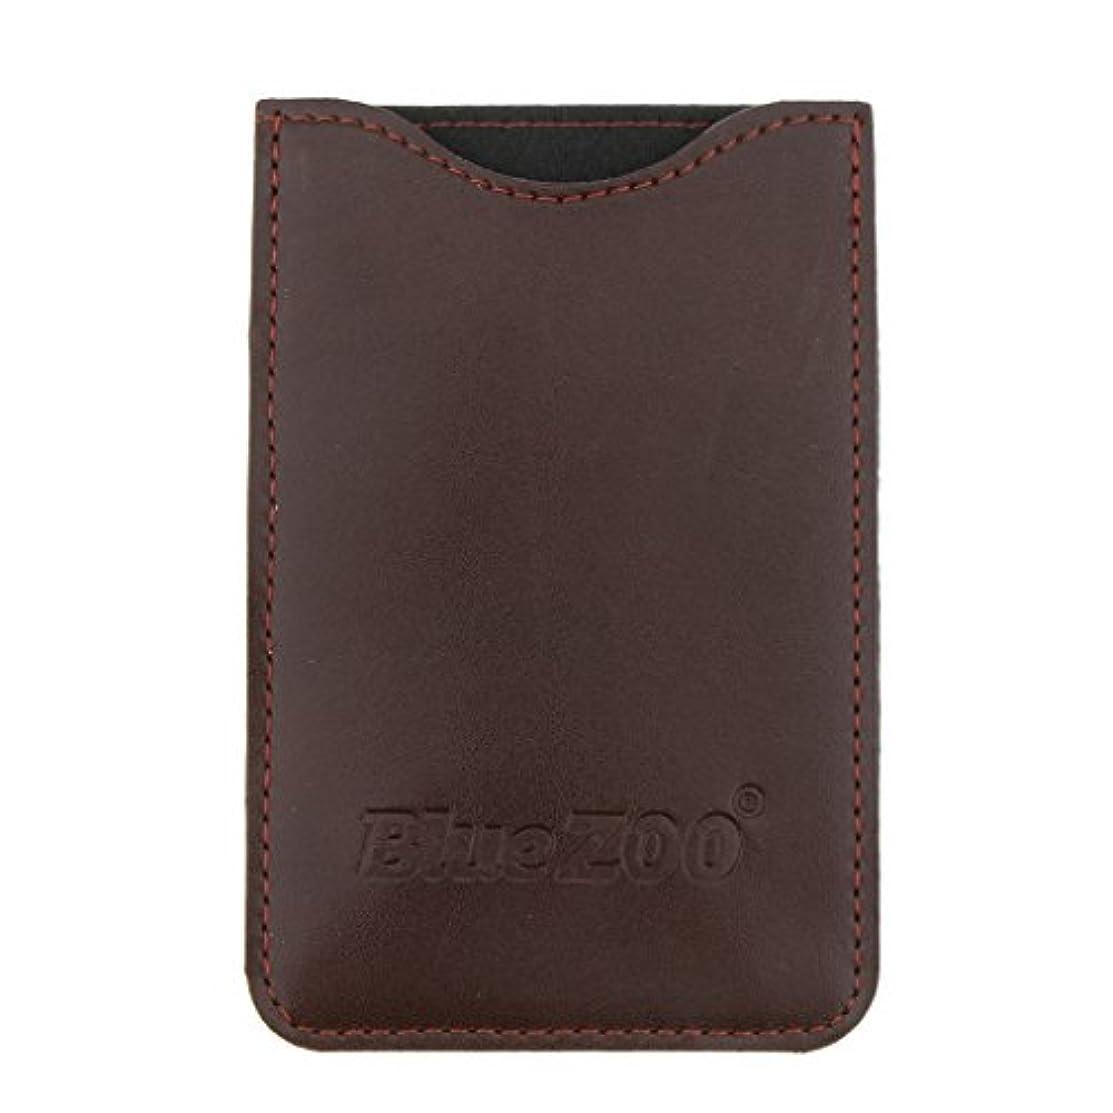 滑り台本ワゴン木製のポケットヒゲの櫛の保護収納ポーチ、小さな櫛PUレザーケース - 褐色